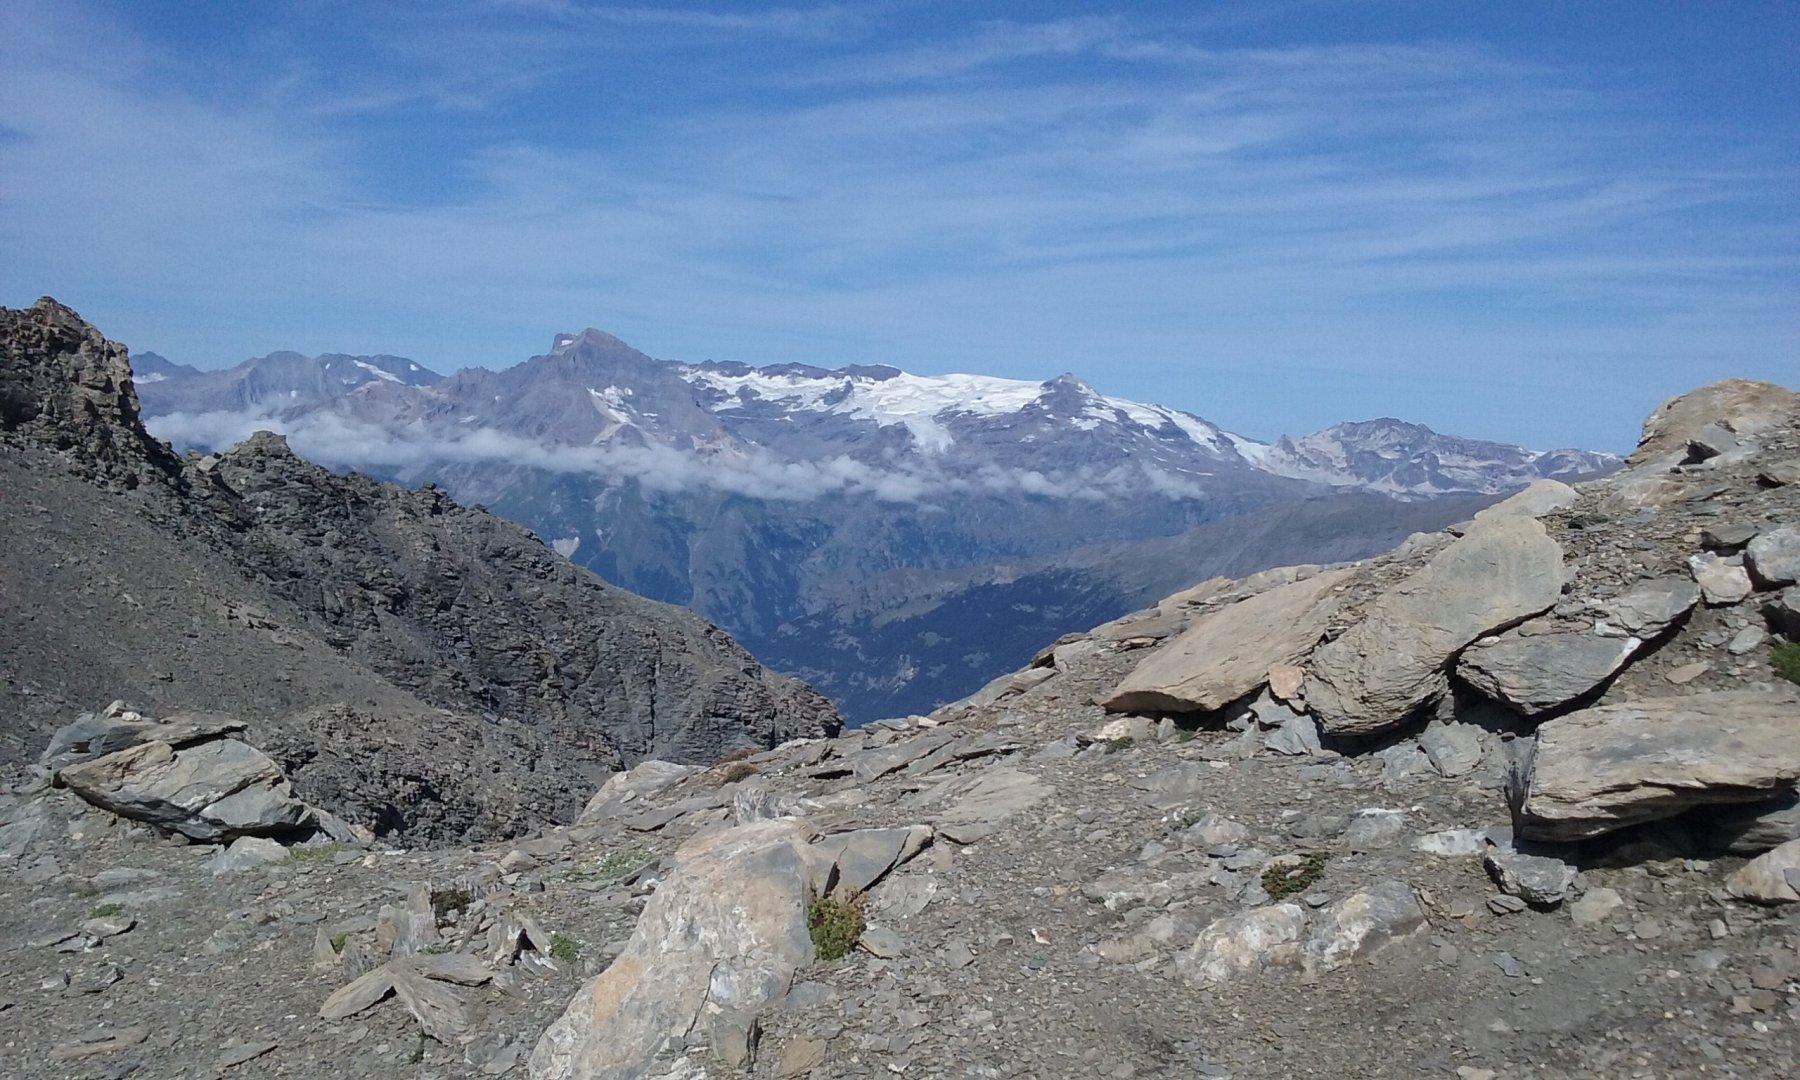 Il Dome de l'Arpont e le condizioni del ghiacciaio...